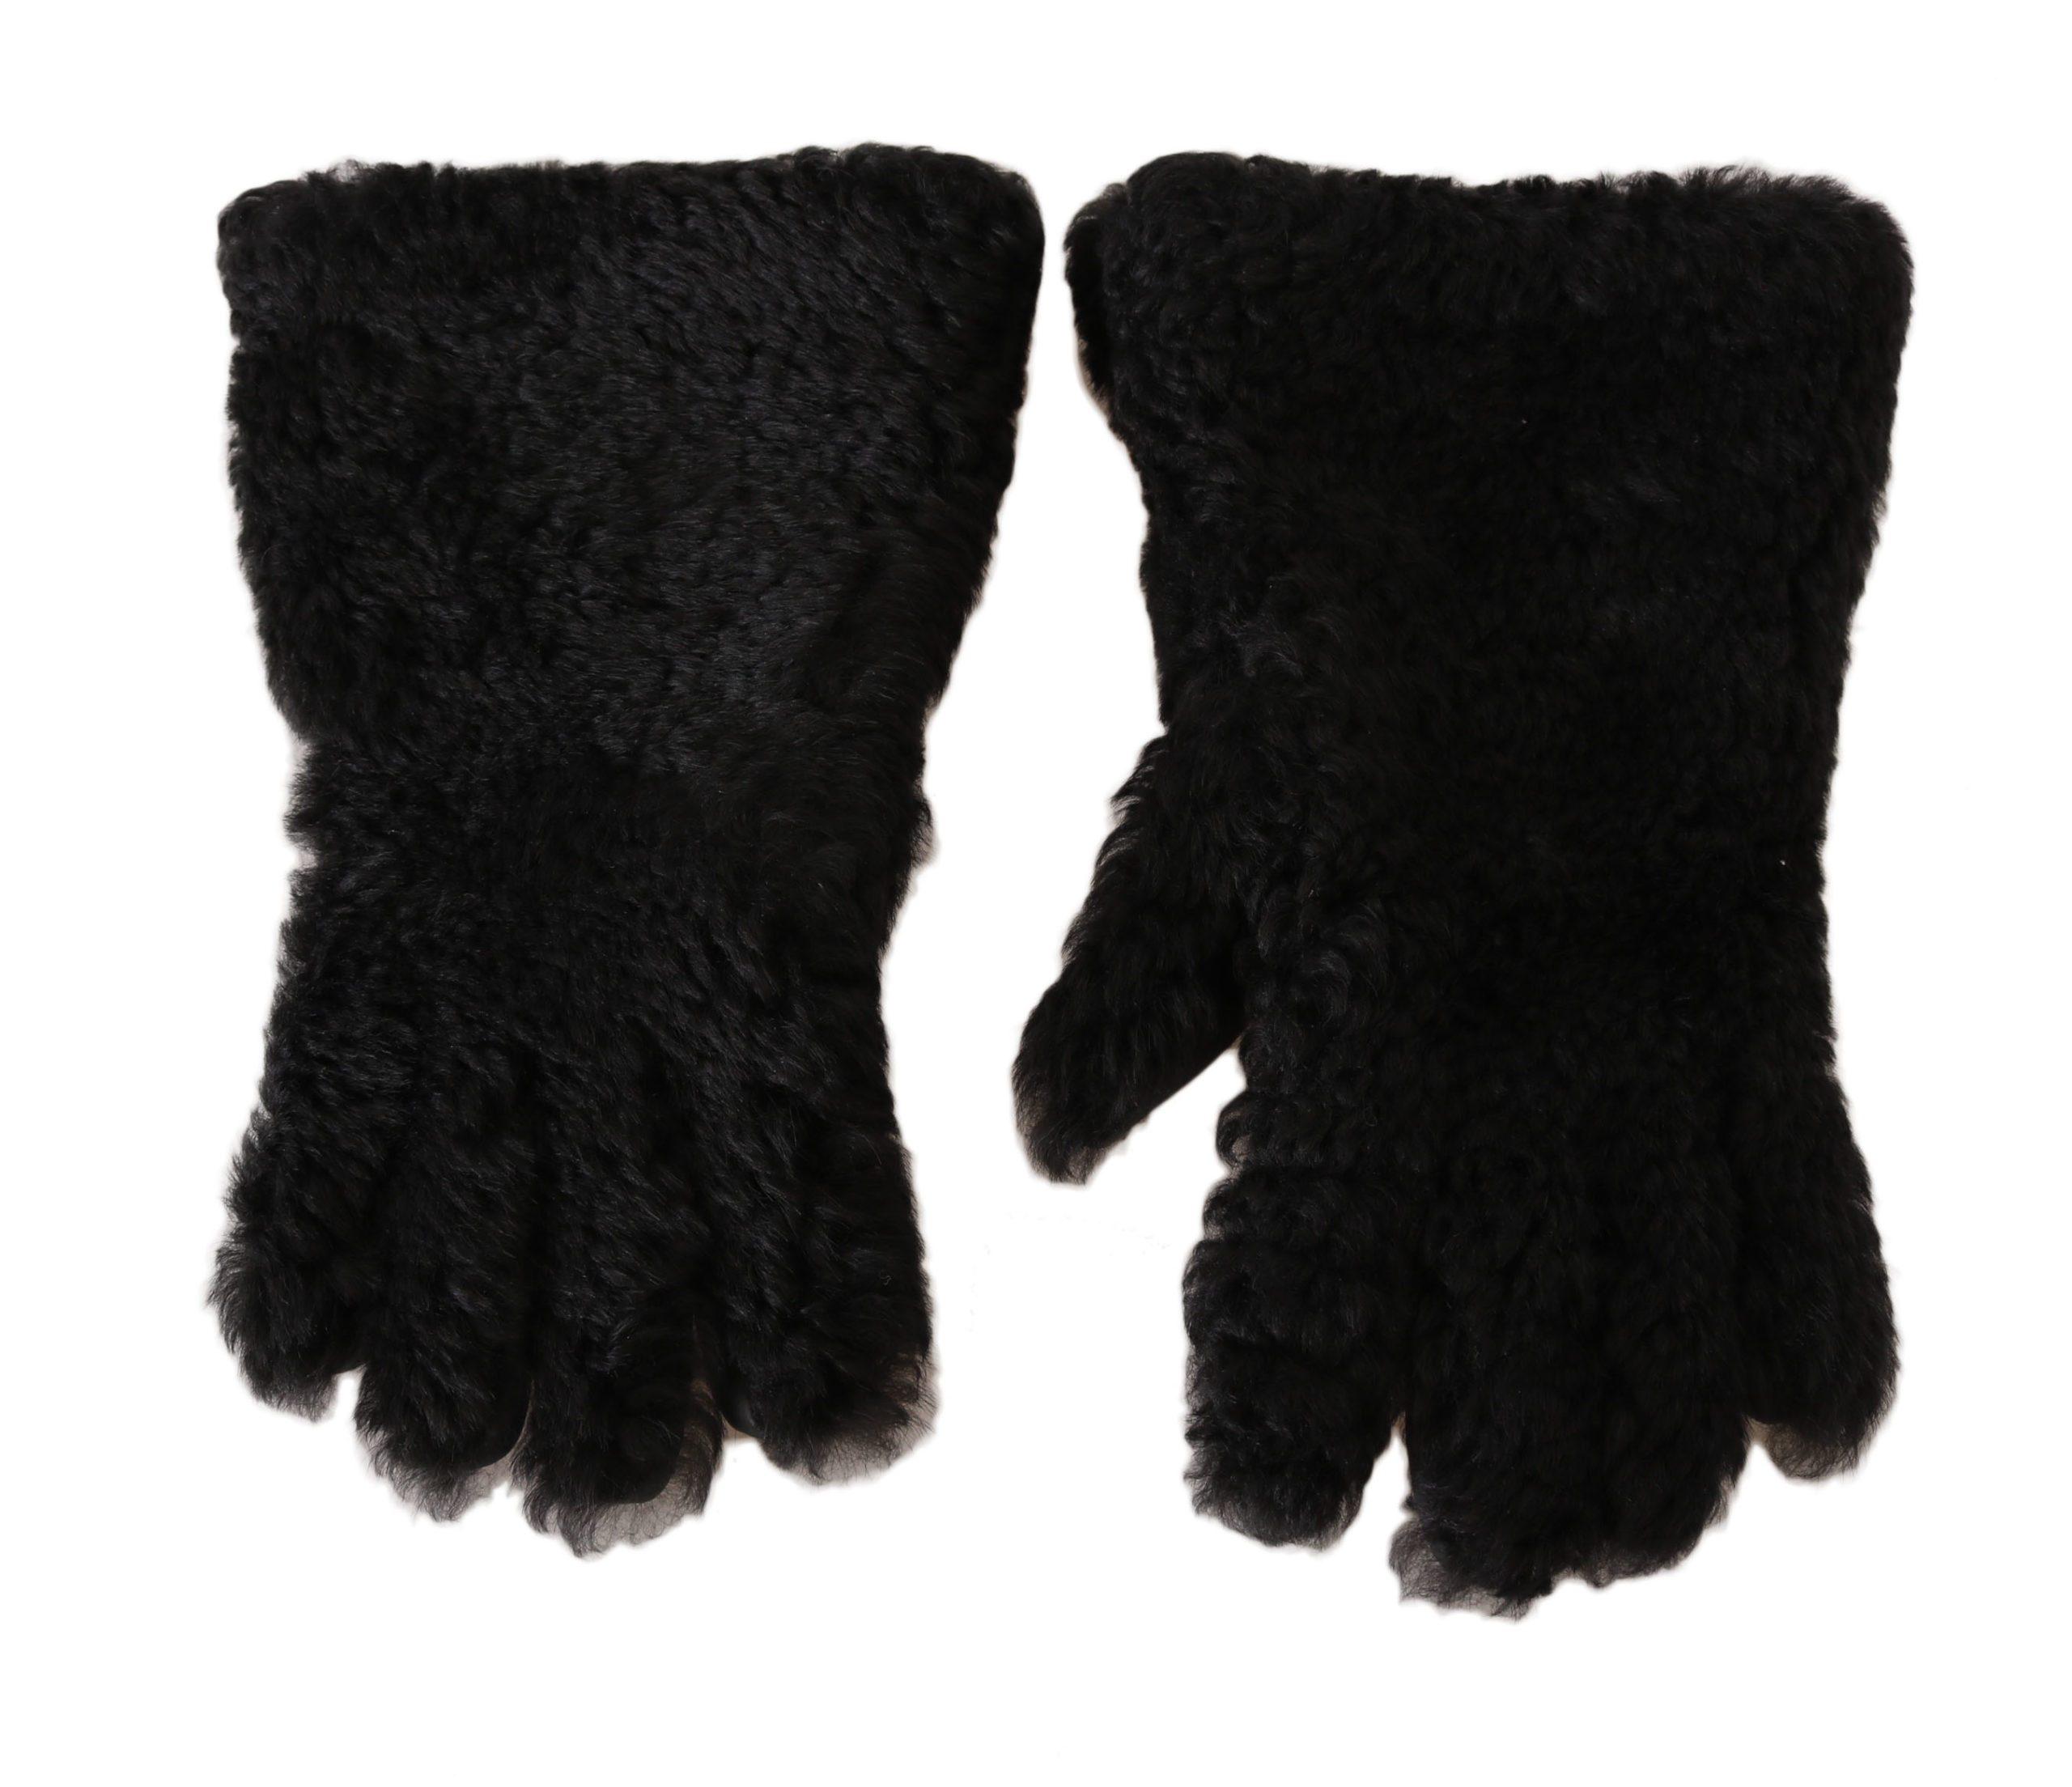 Dolce & Gabbana Men's Deerskin Lapin Lamb Fur Warm Gloves Black LB280 - 9 M